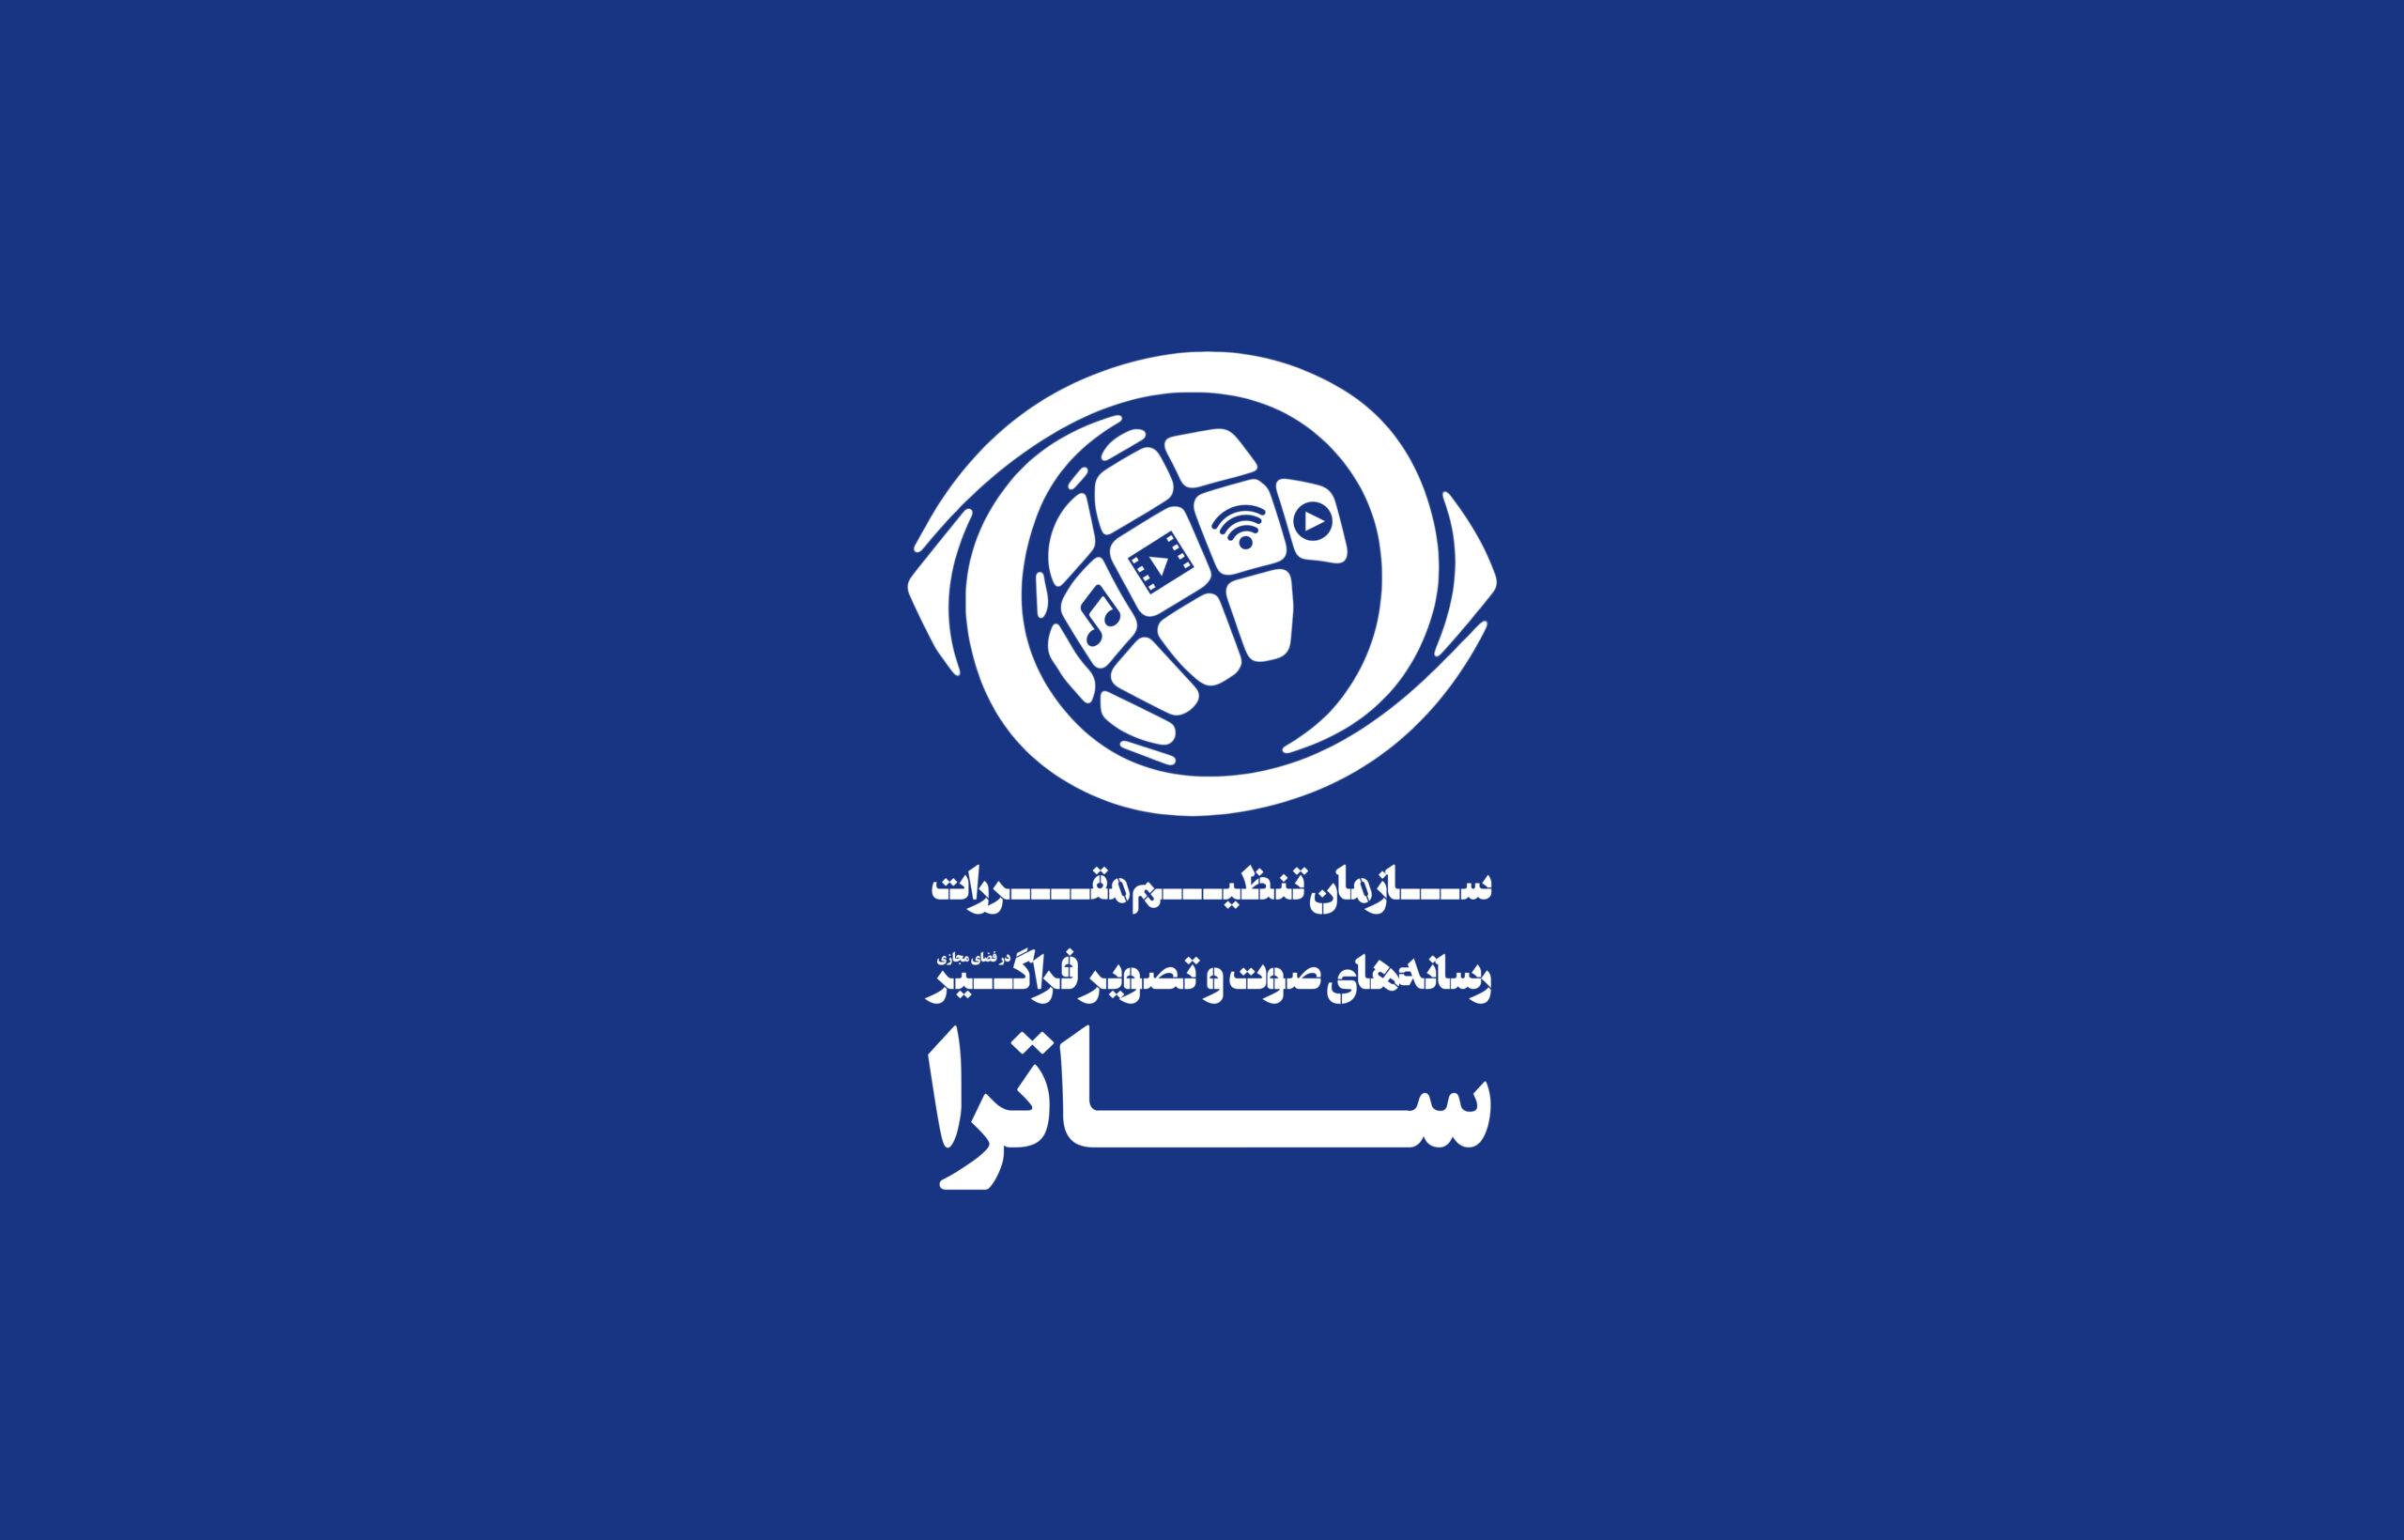 ارجاع پرونده ترافیکی رسانههای صوت و تصویر به کمیته تخلفات